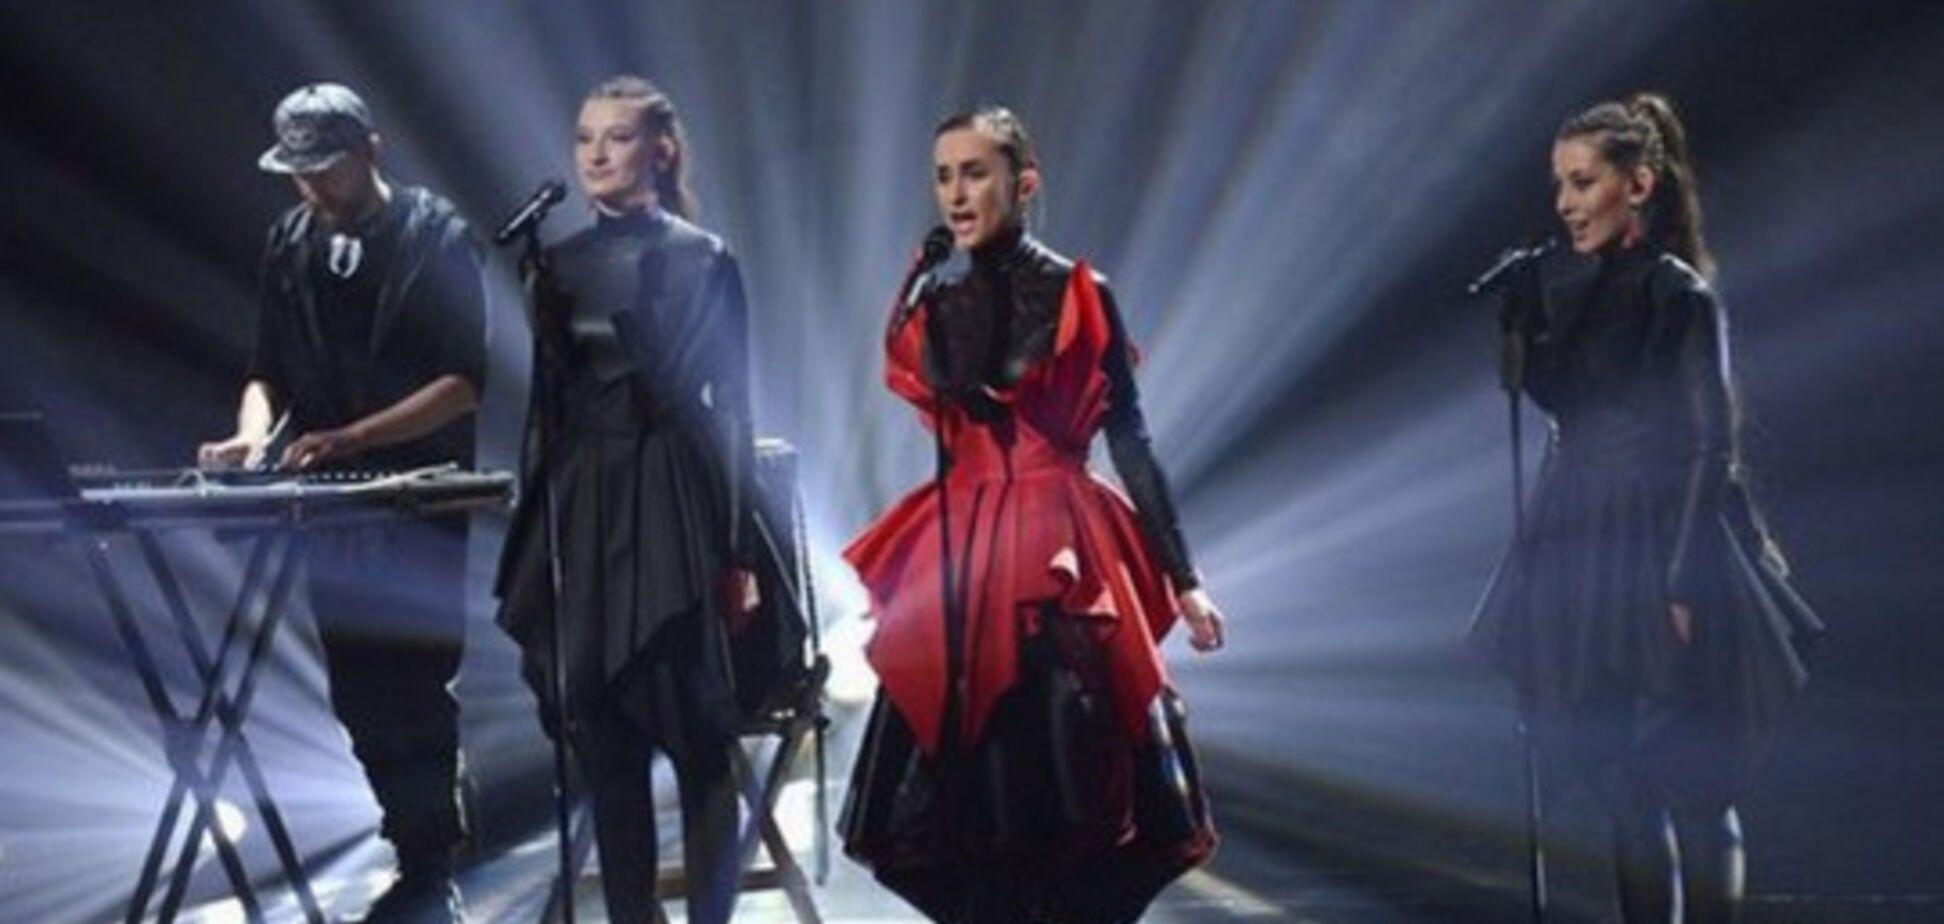 Евровидение 2020: позиции Украины резко обвалились после объявления представителя РФ